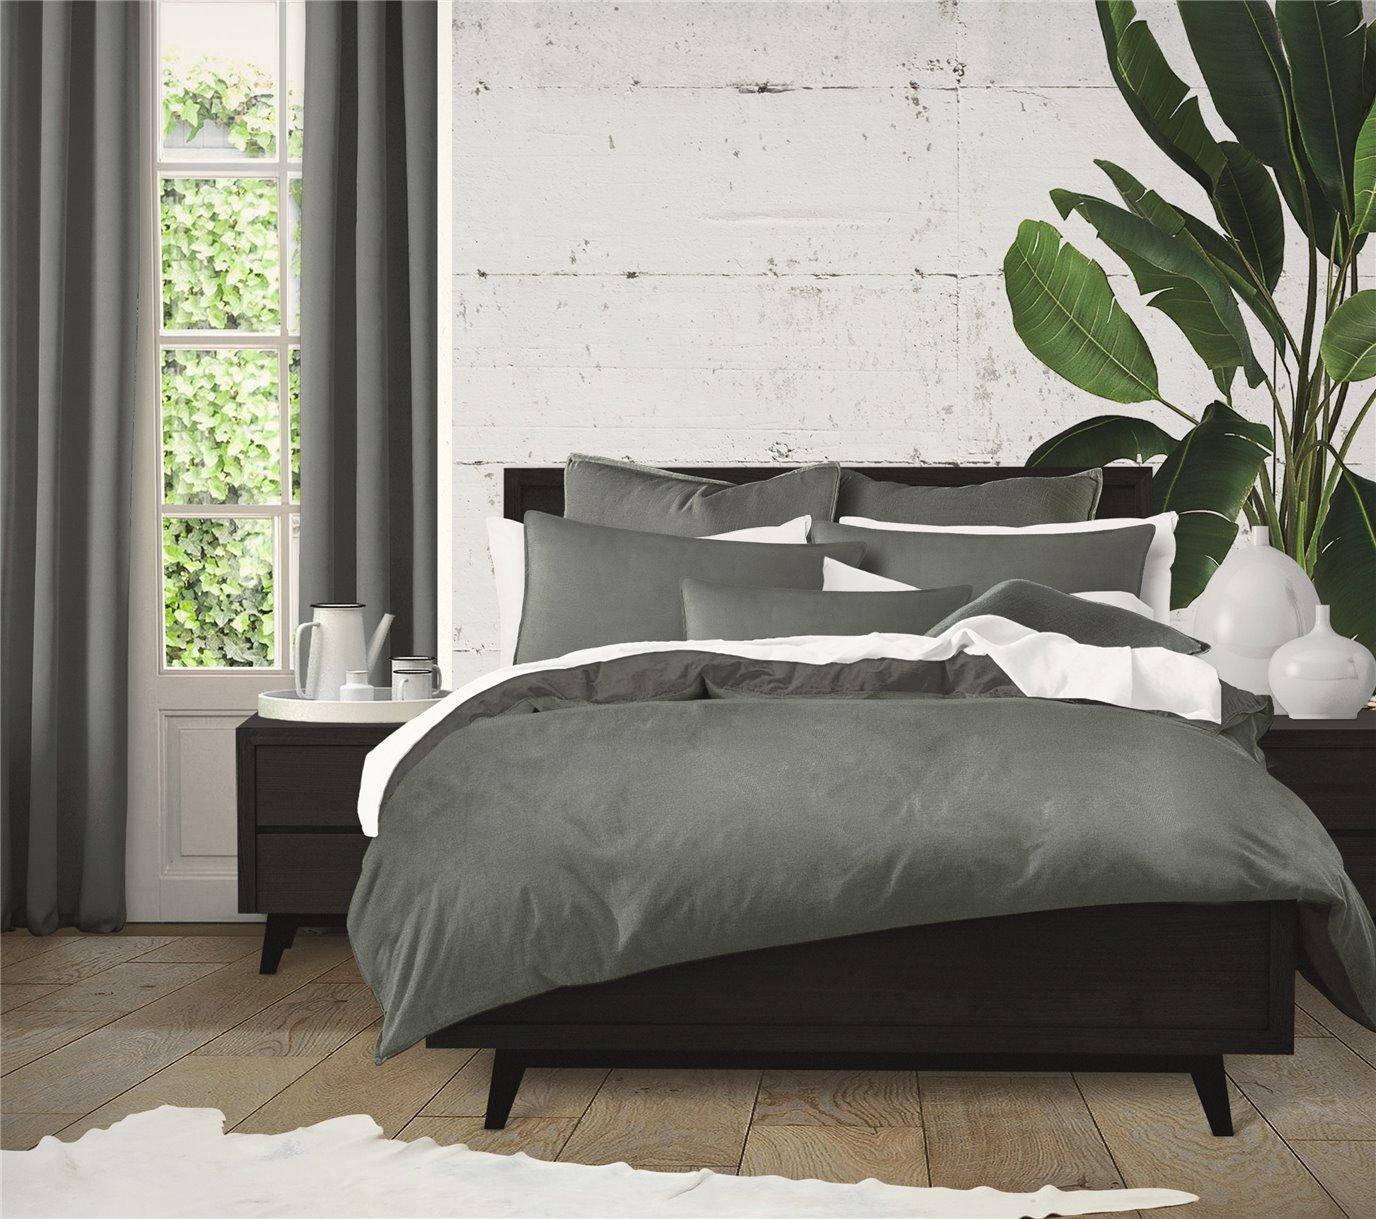 Harrow Charcoal Comforter Set - Queen